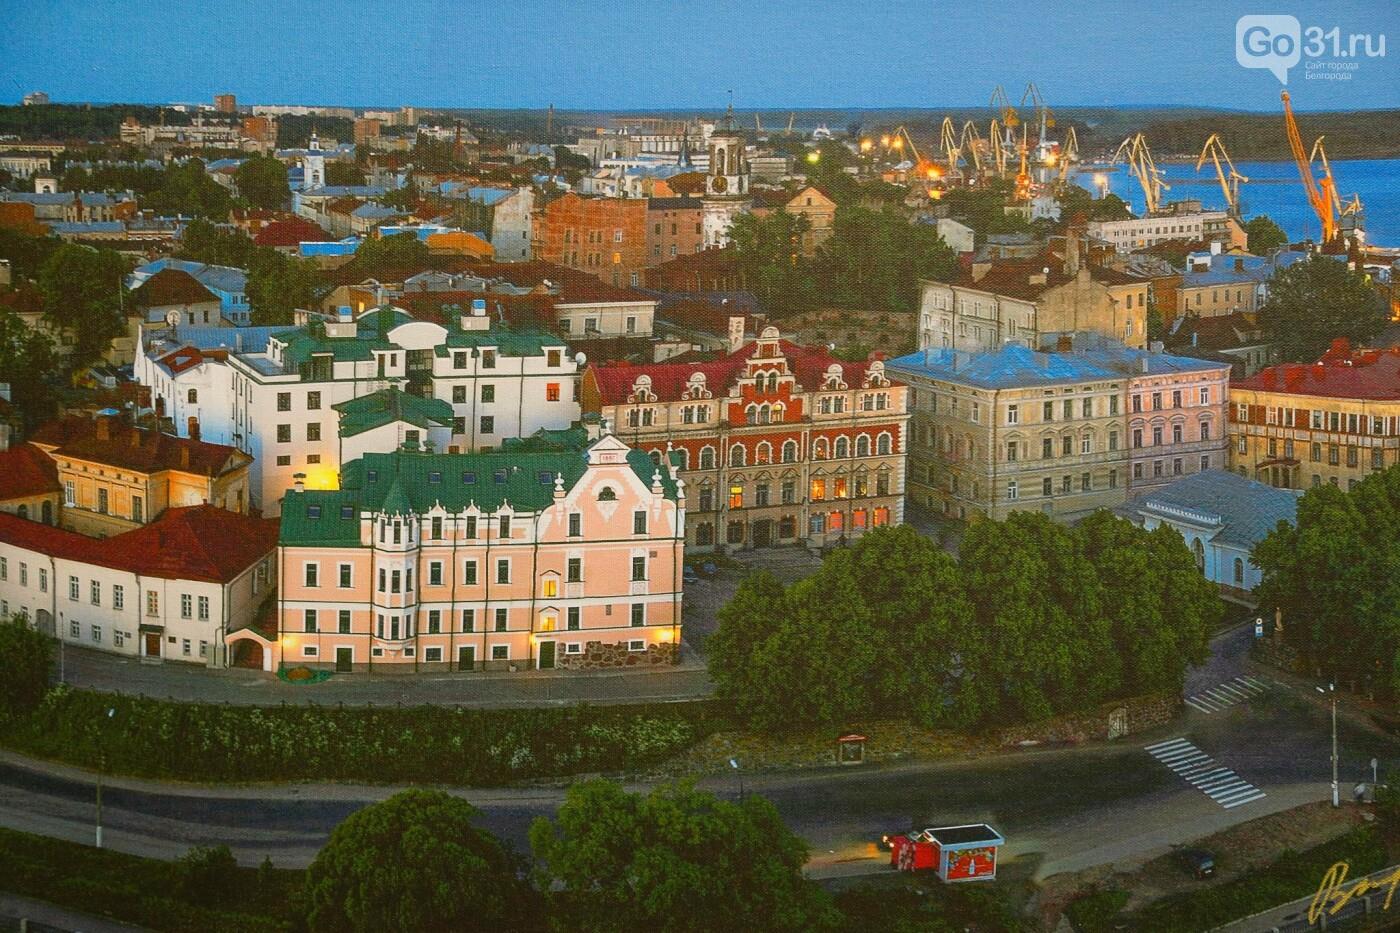 В Белгороде открылась персональная фотовыставка Владимира Щекалова, фото-2